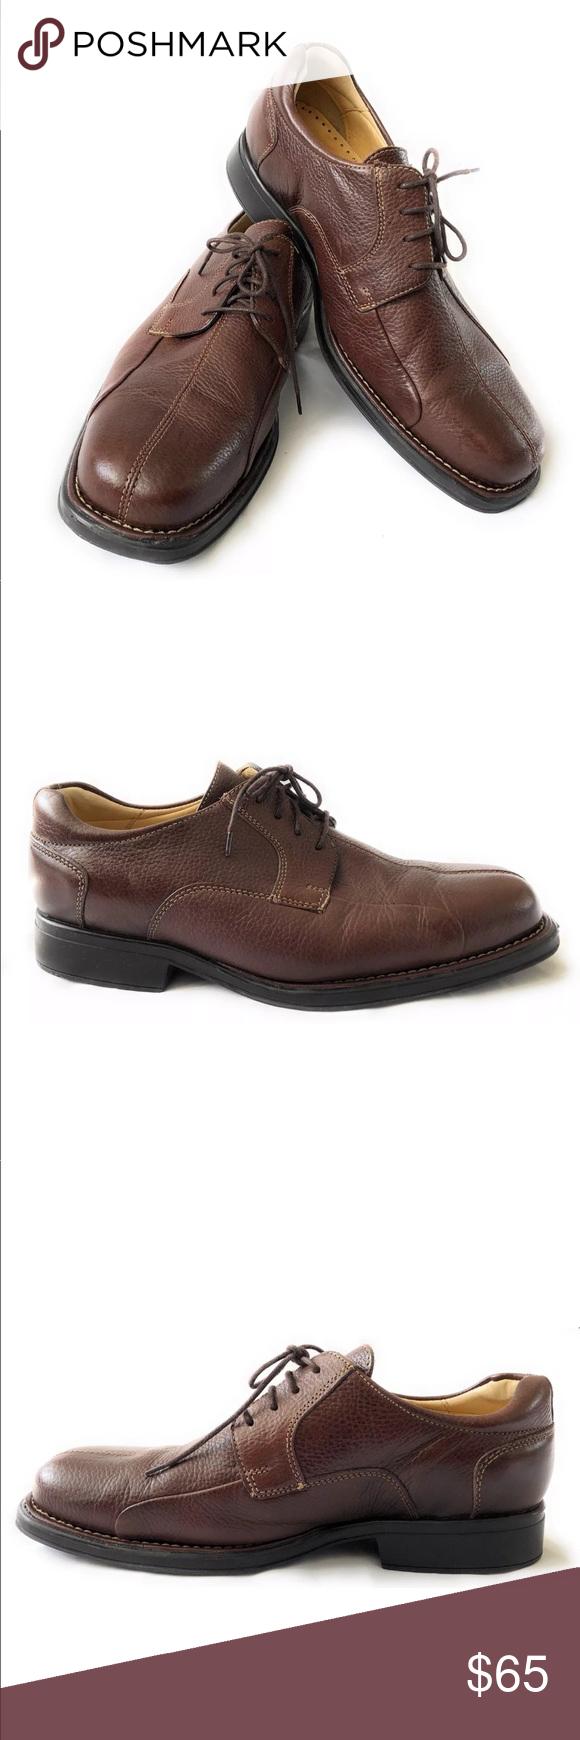 b5d77264cd Studio Belvedere Bay Bridge Men's Shoes Studio Belvedere Bay Bridge Men's  Brown Leather Oxford Lace Up Shoes Size: 9.5EEE Condition: Good condition  Studio ...